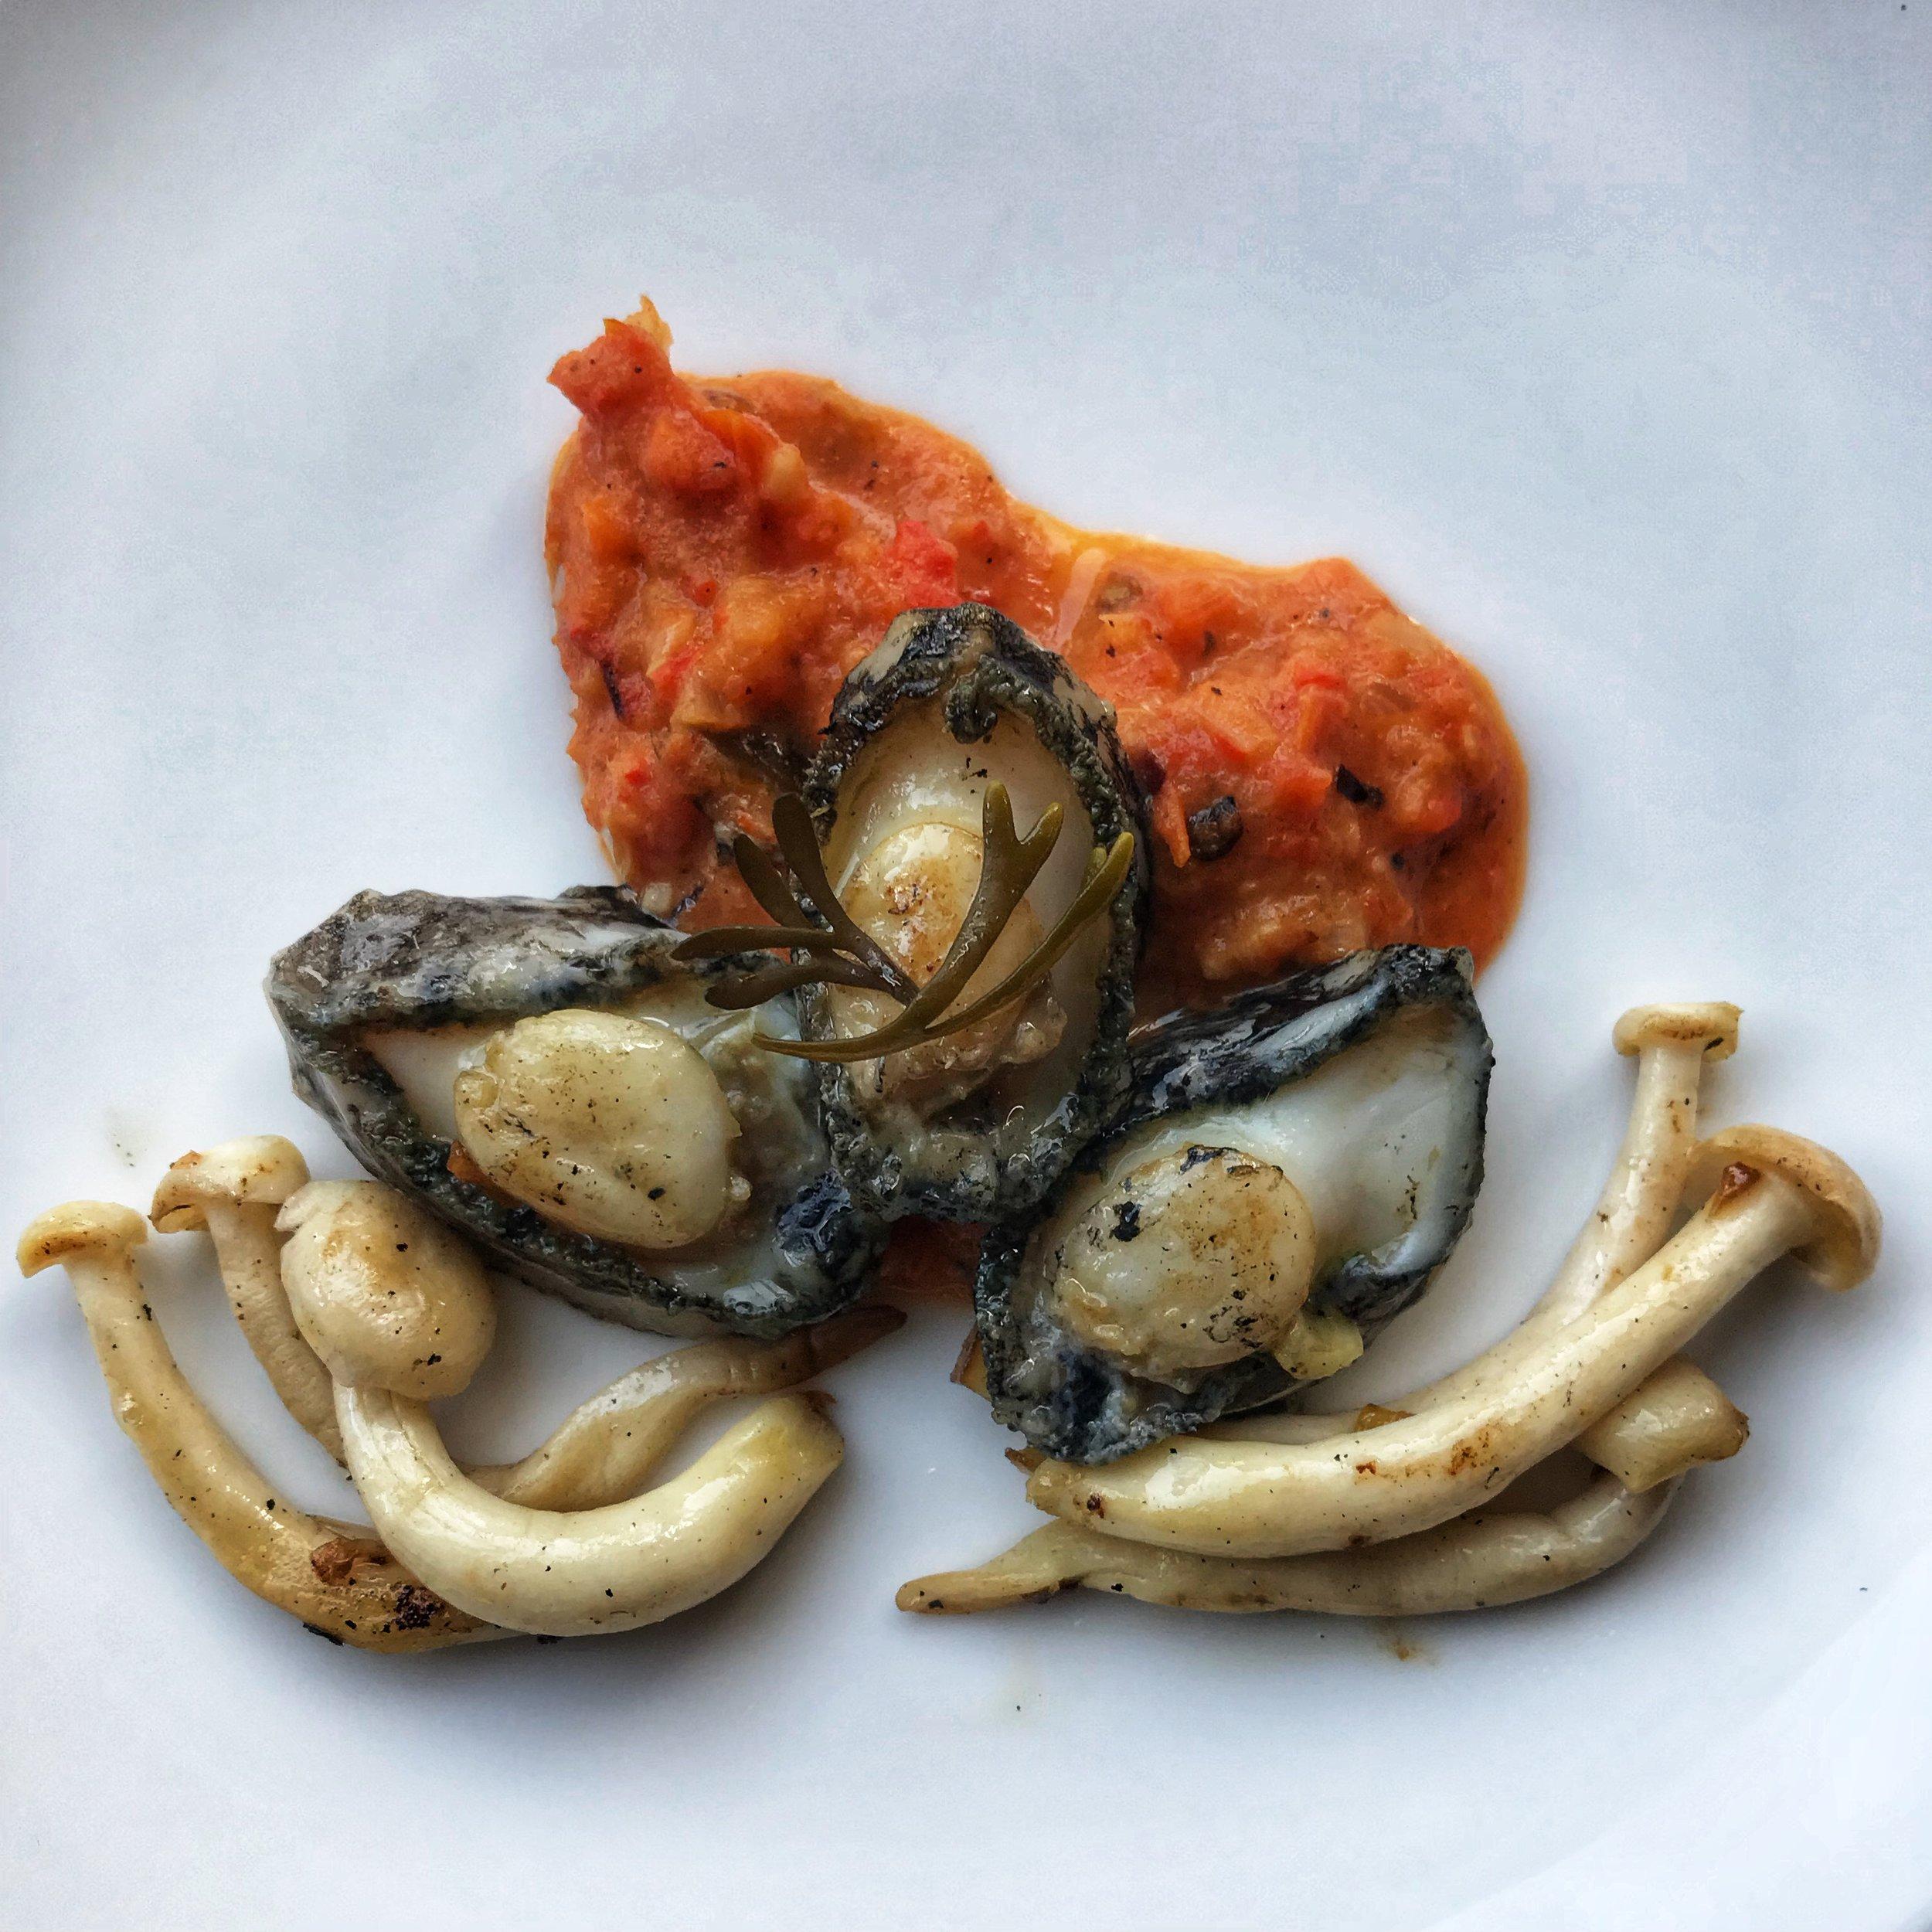 Pan-fried Abalone dish